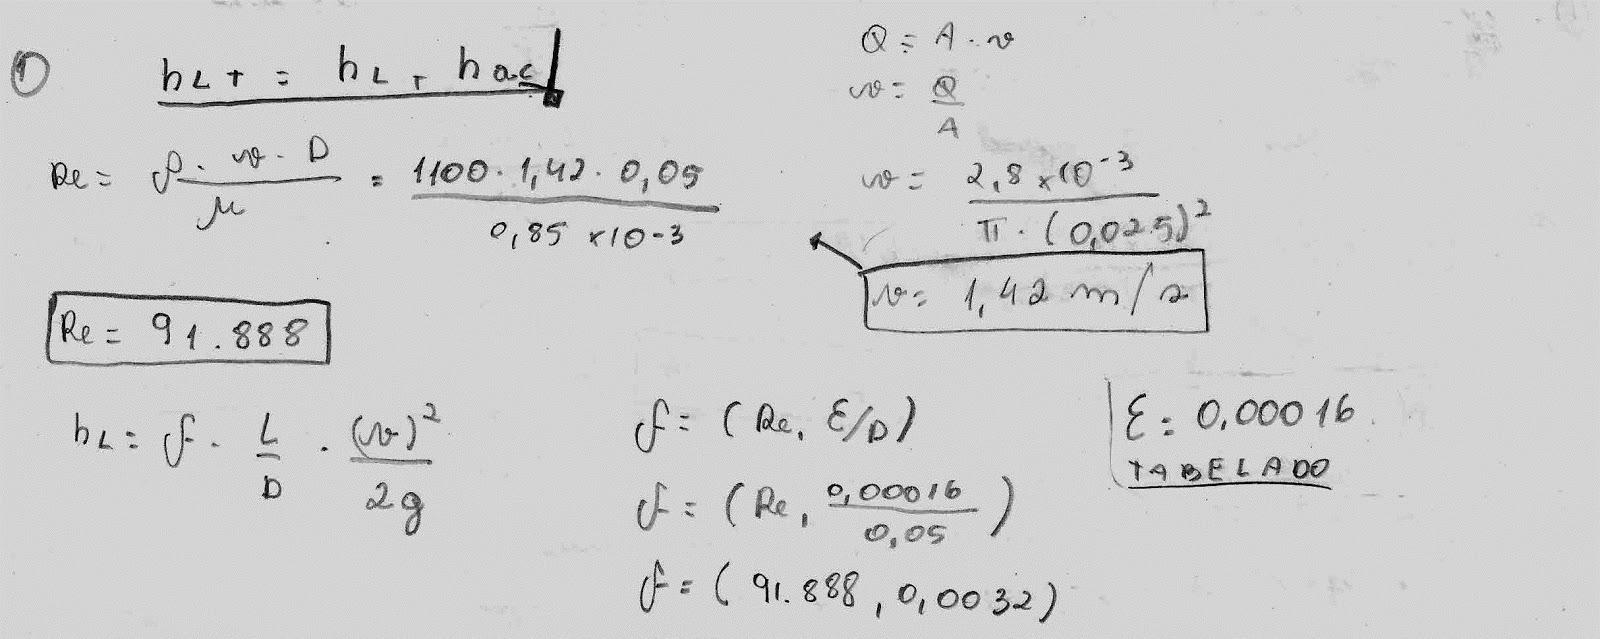 Tudo engenharia civil perda de carga total e dos acessorios calcule a perda de carga total ccuart Image collections